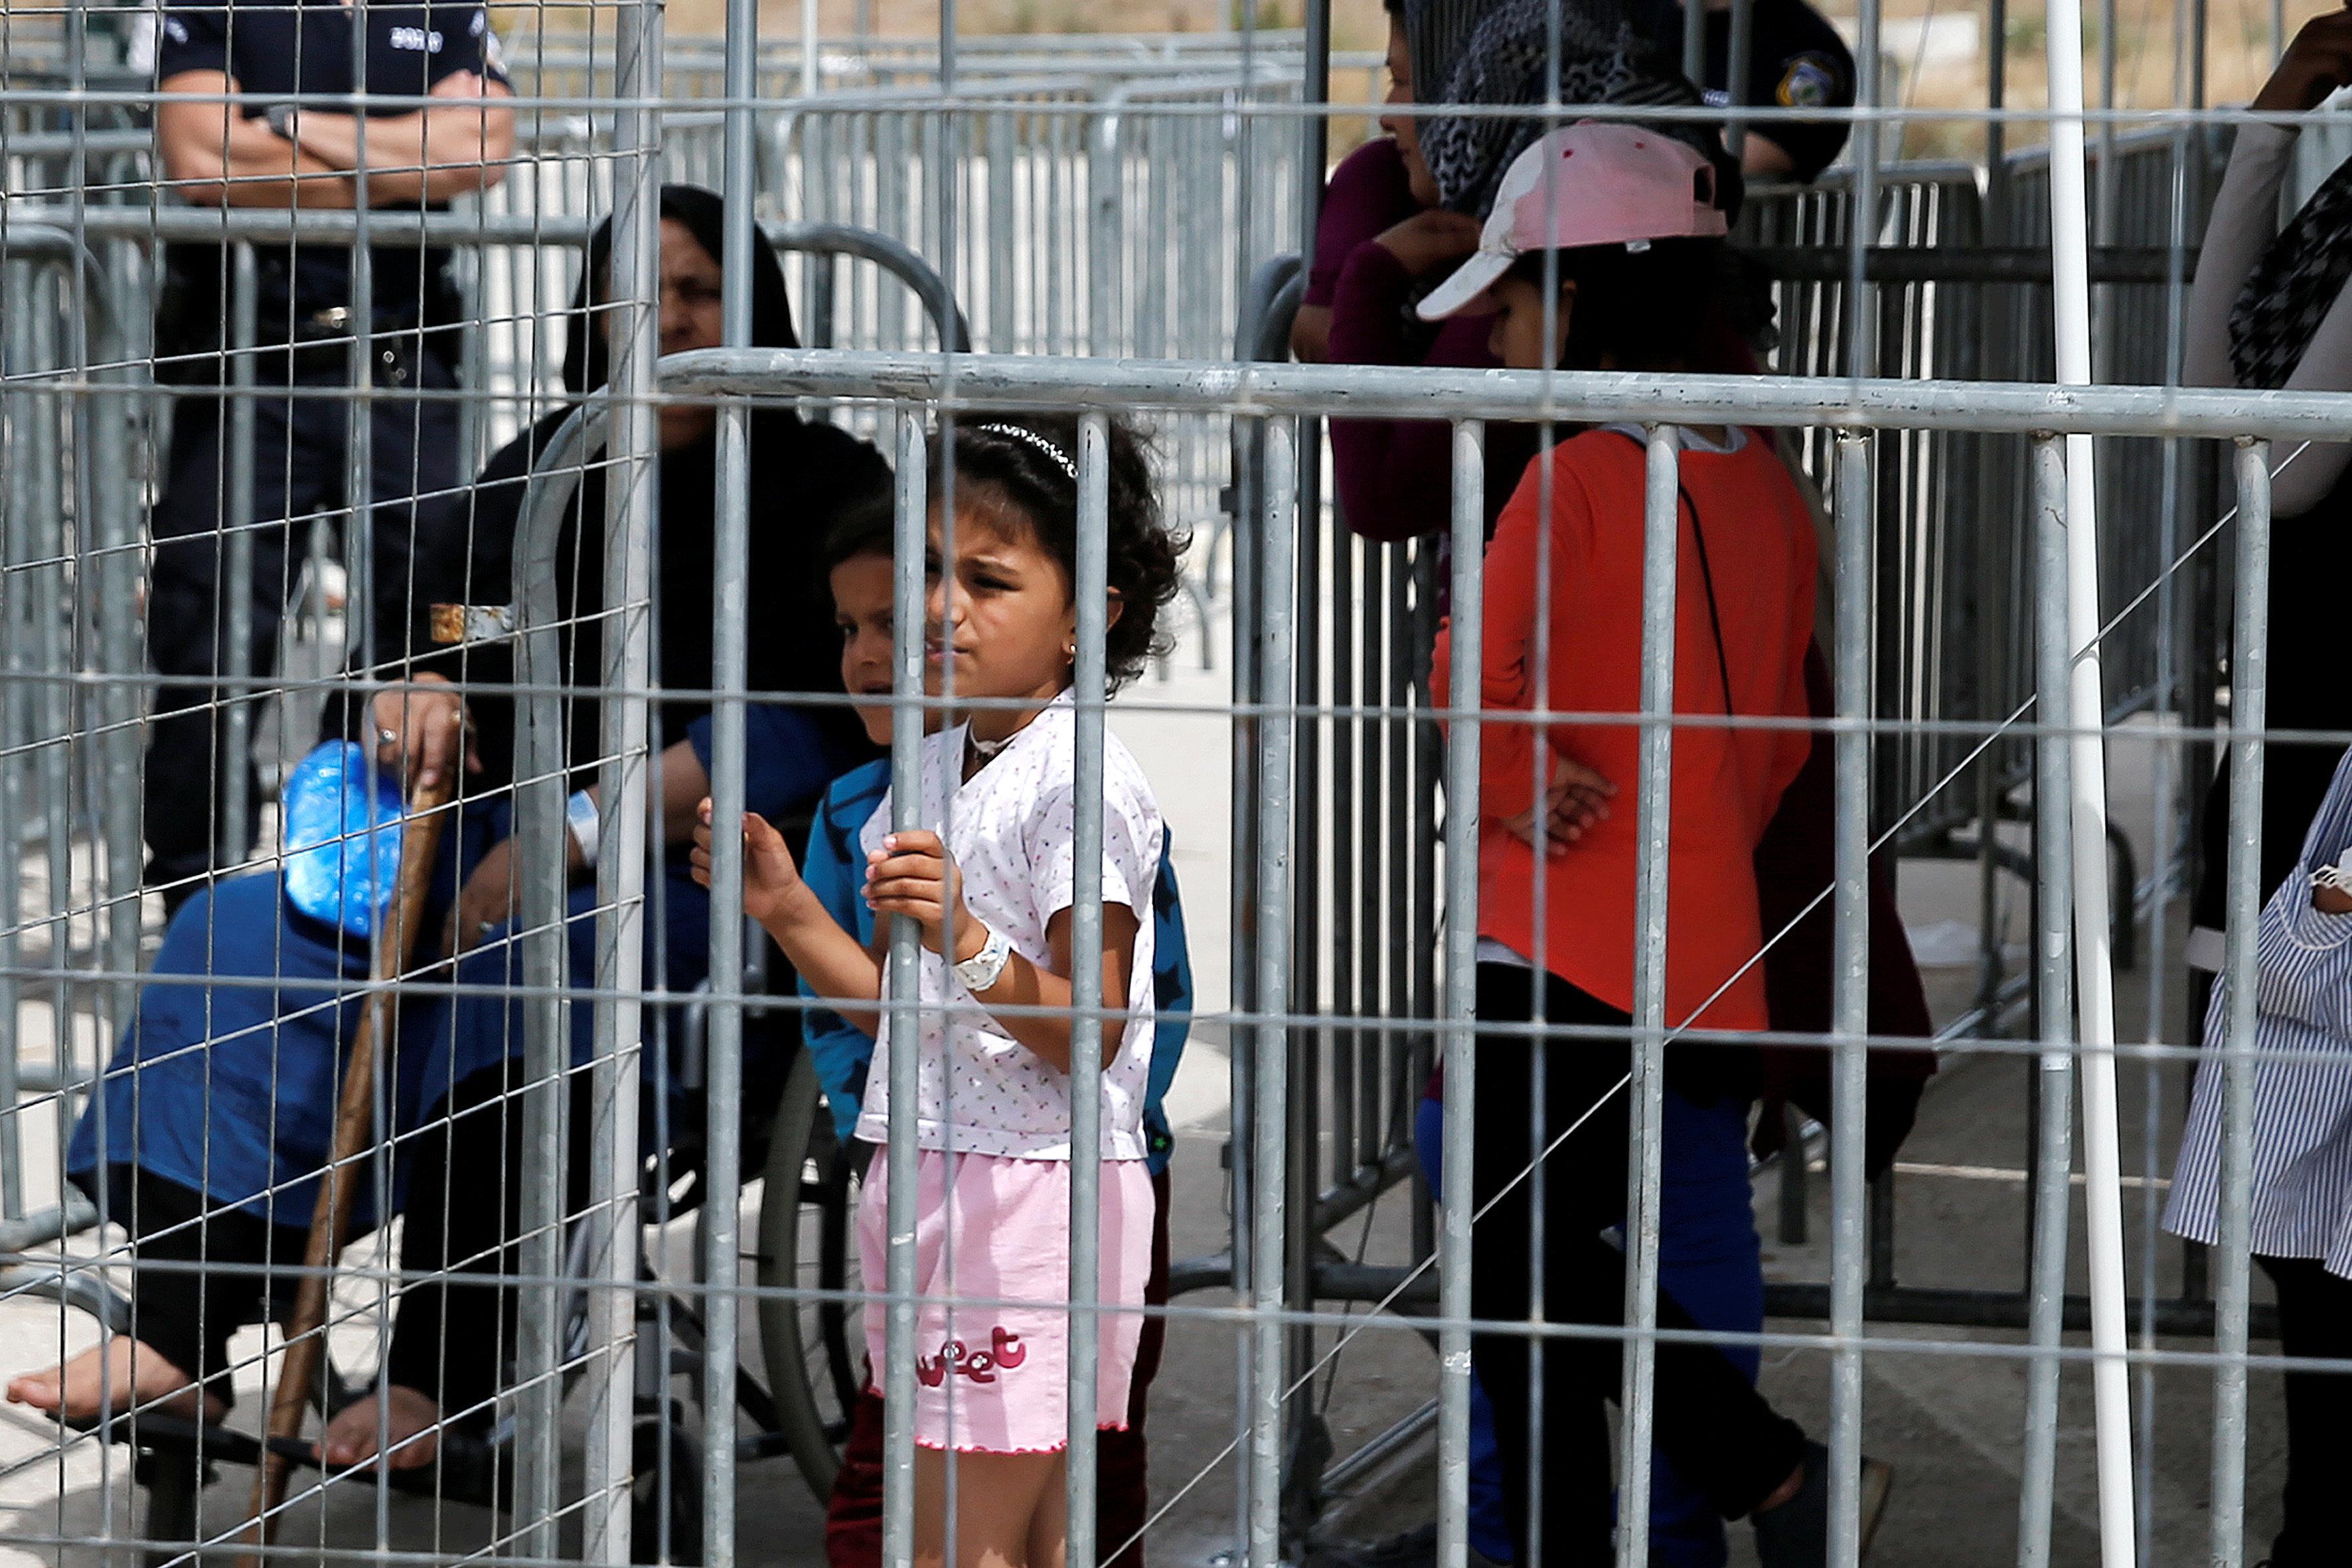 ΣτΕ: Ελεύθεροι θα μπορούν να κυκλοφορούν όσοι πρόσφυγες φτάνουν πλέον στην